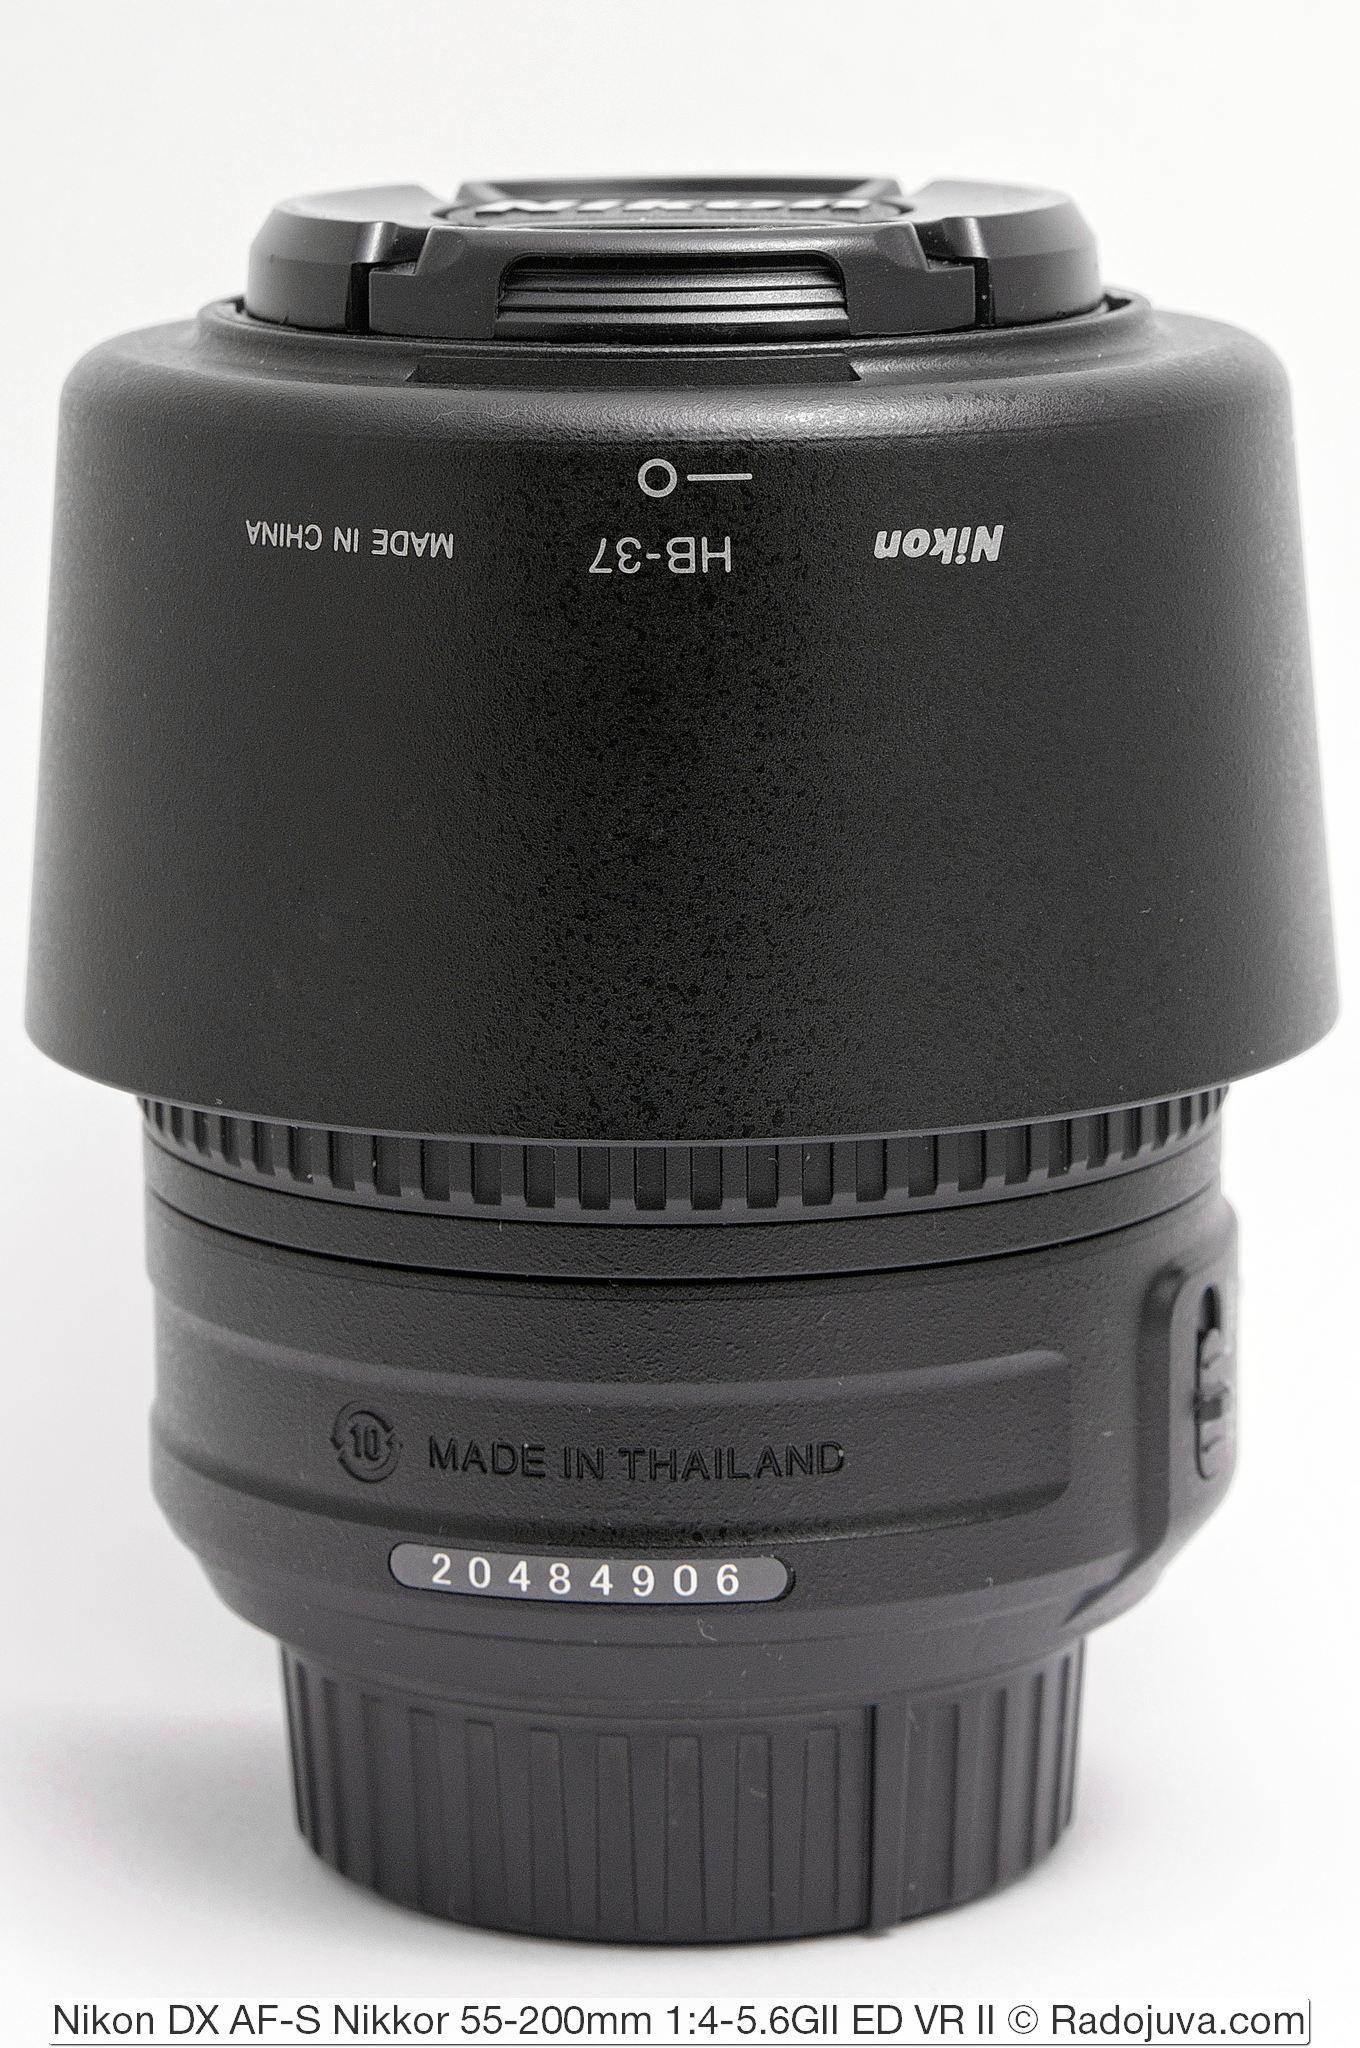 Nikon DX AF-S Nikkor 55-200mm 1:4-5.6GII ED VR II